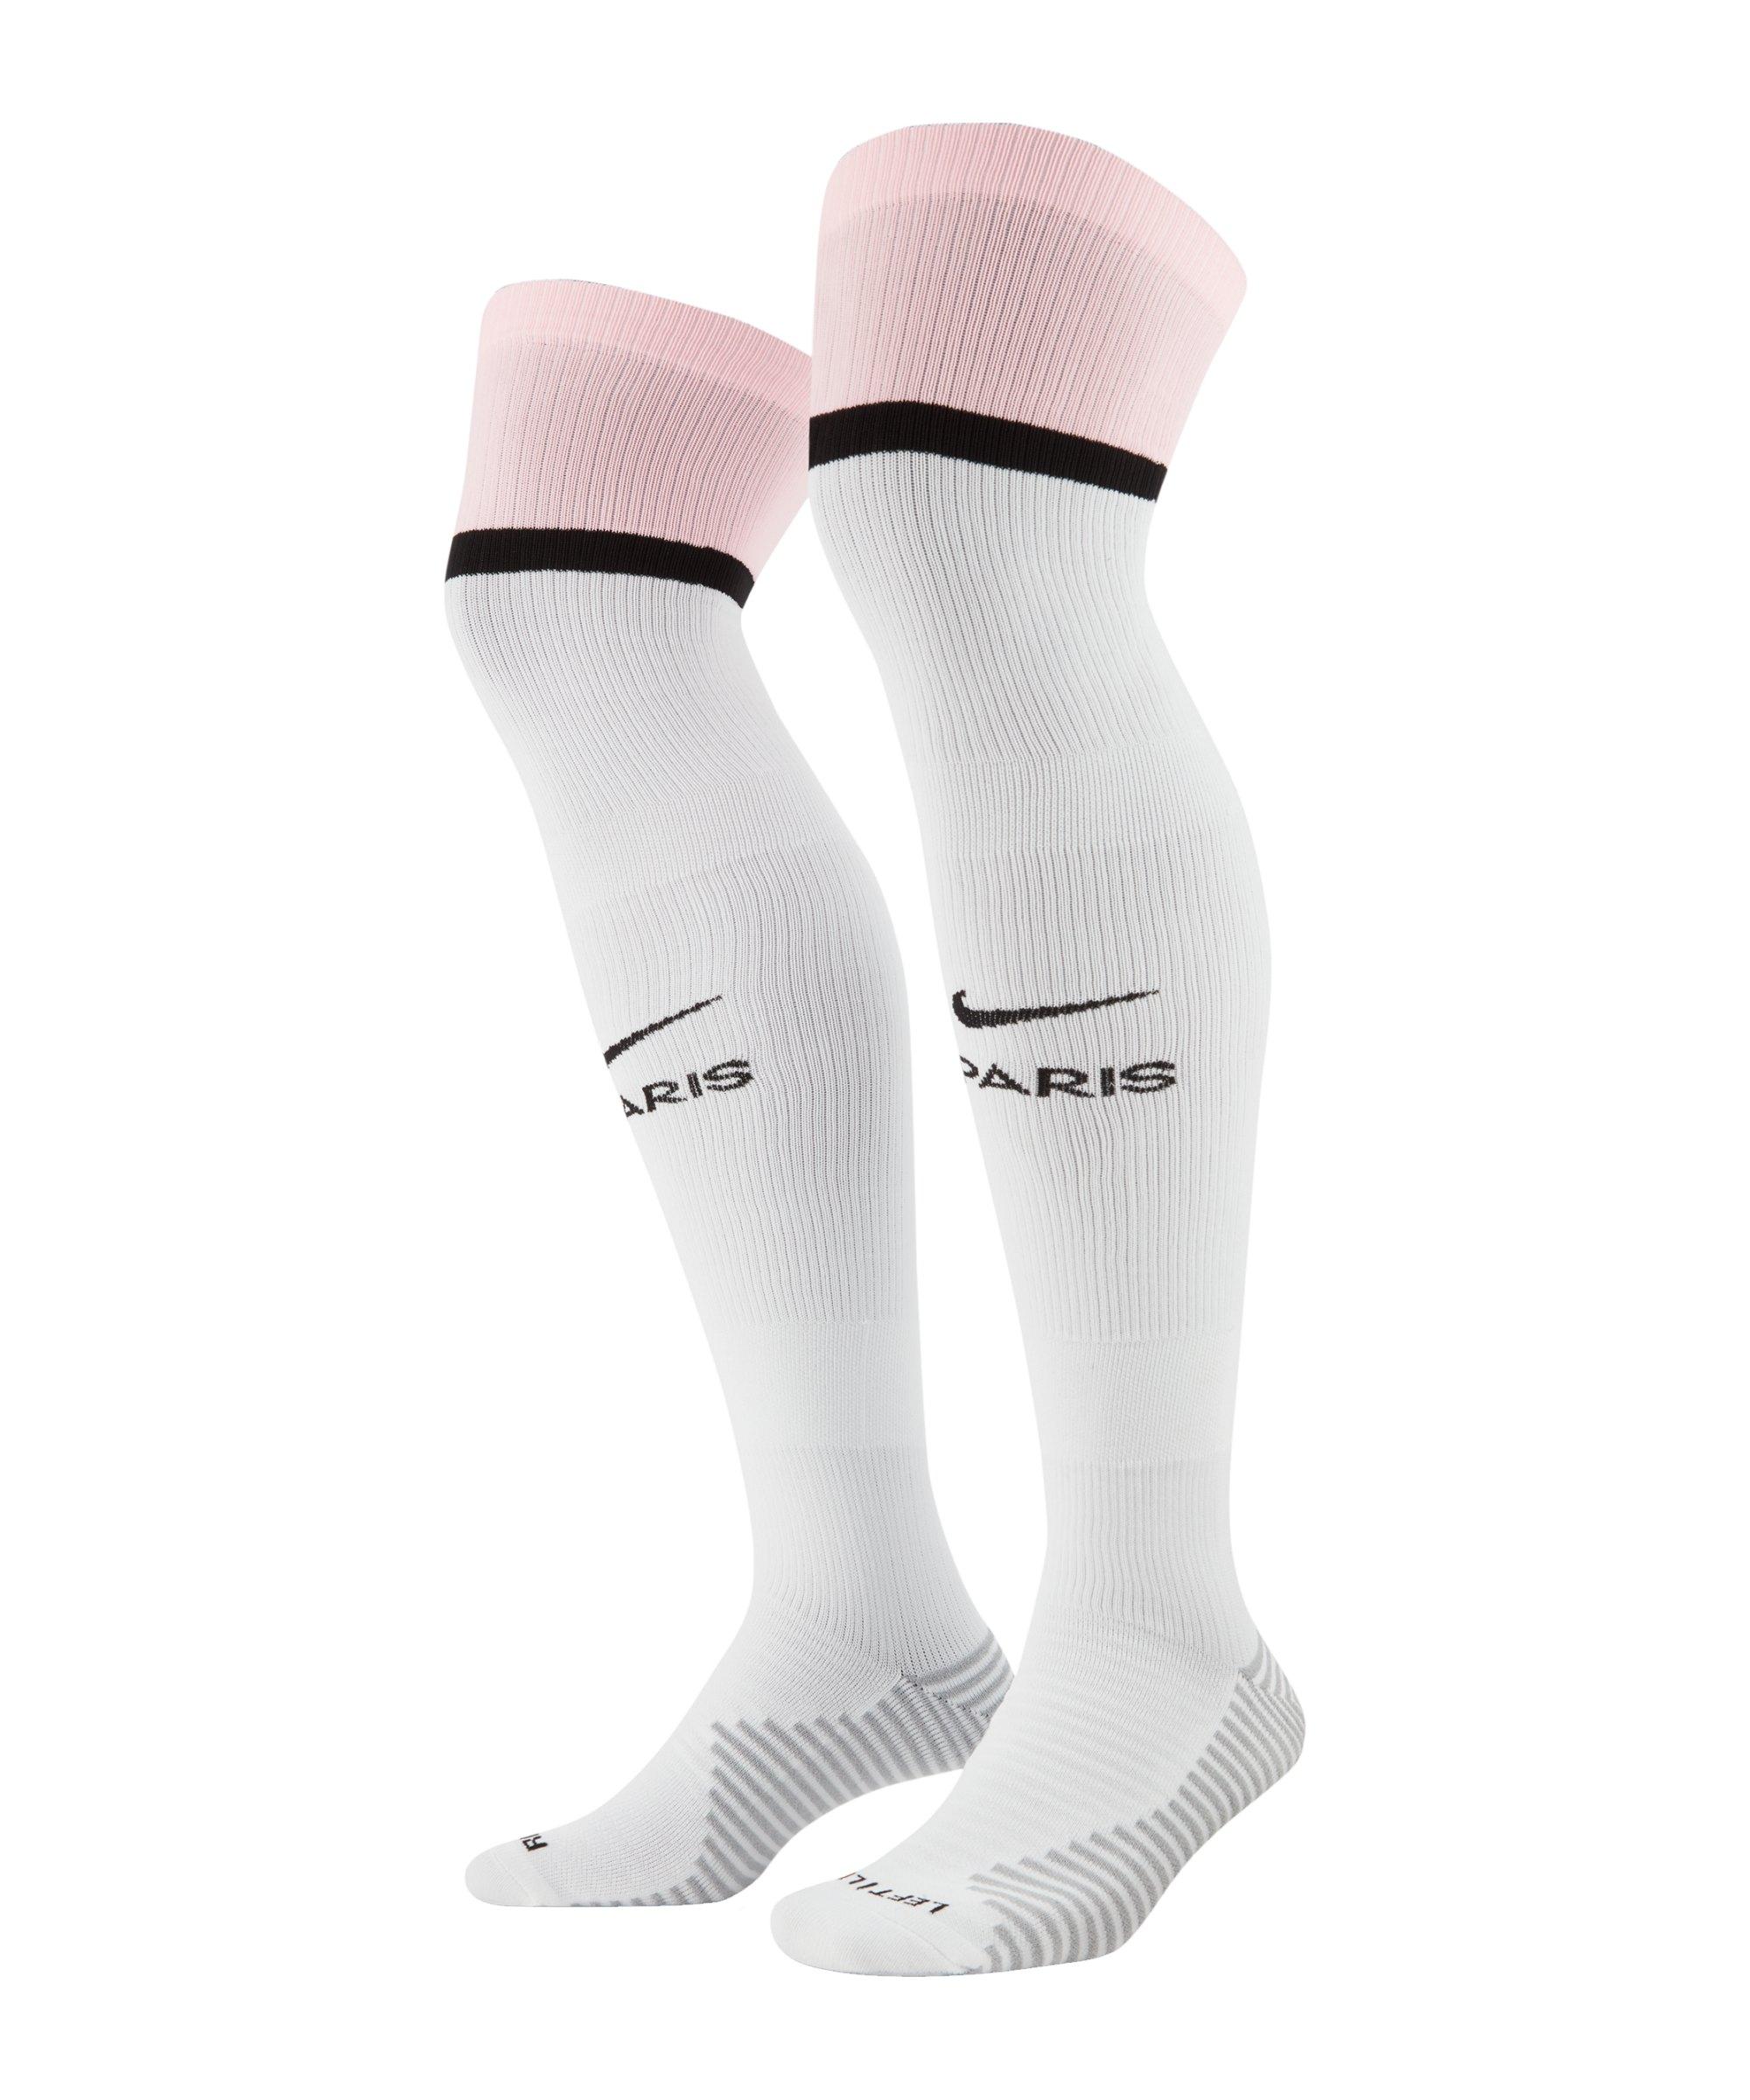 Nike Paris St. Germain Stutzen Away 21/22 F100 - weiss